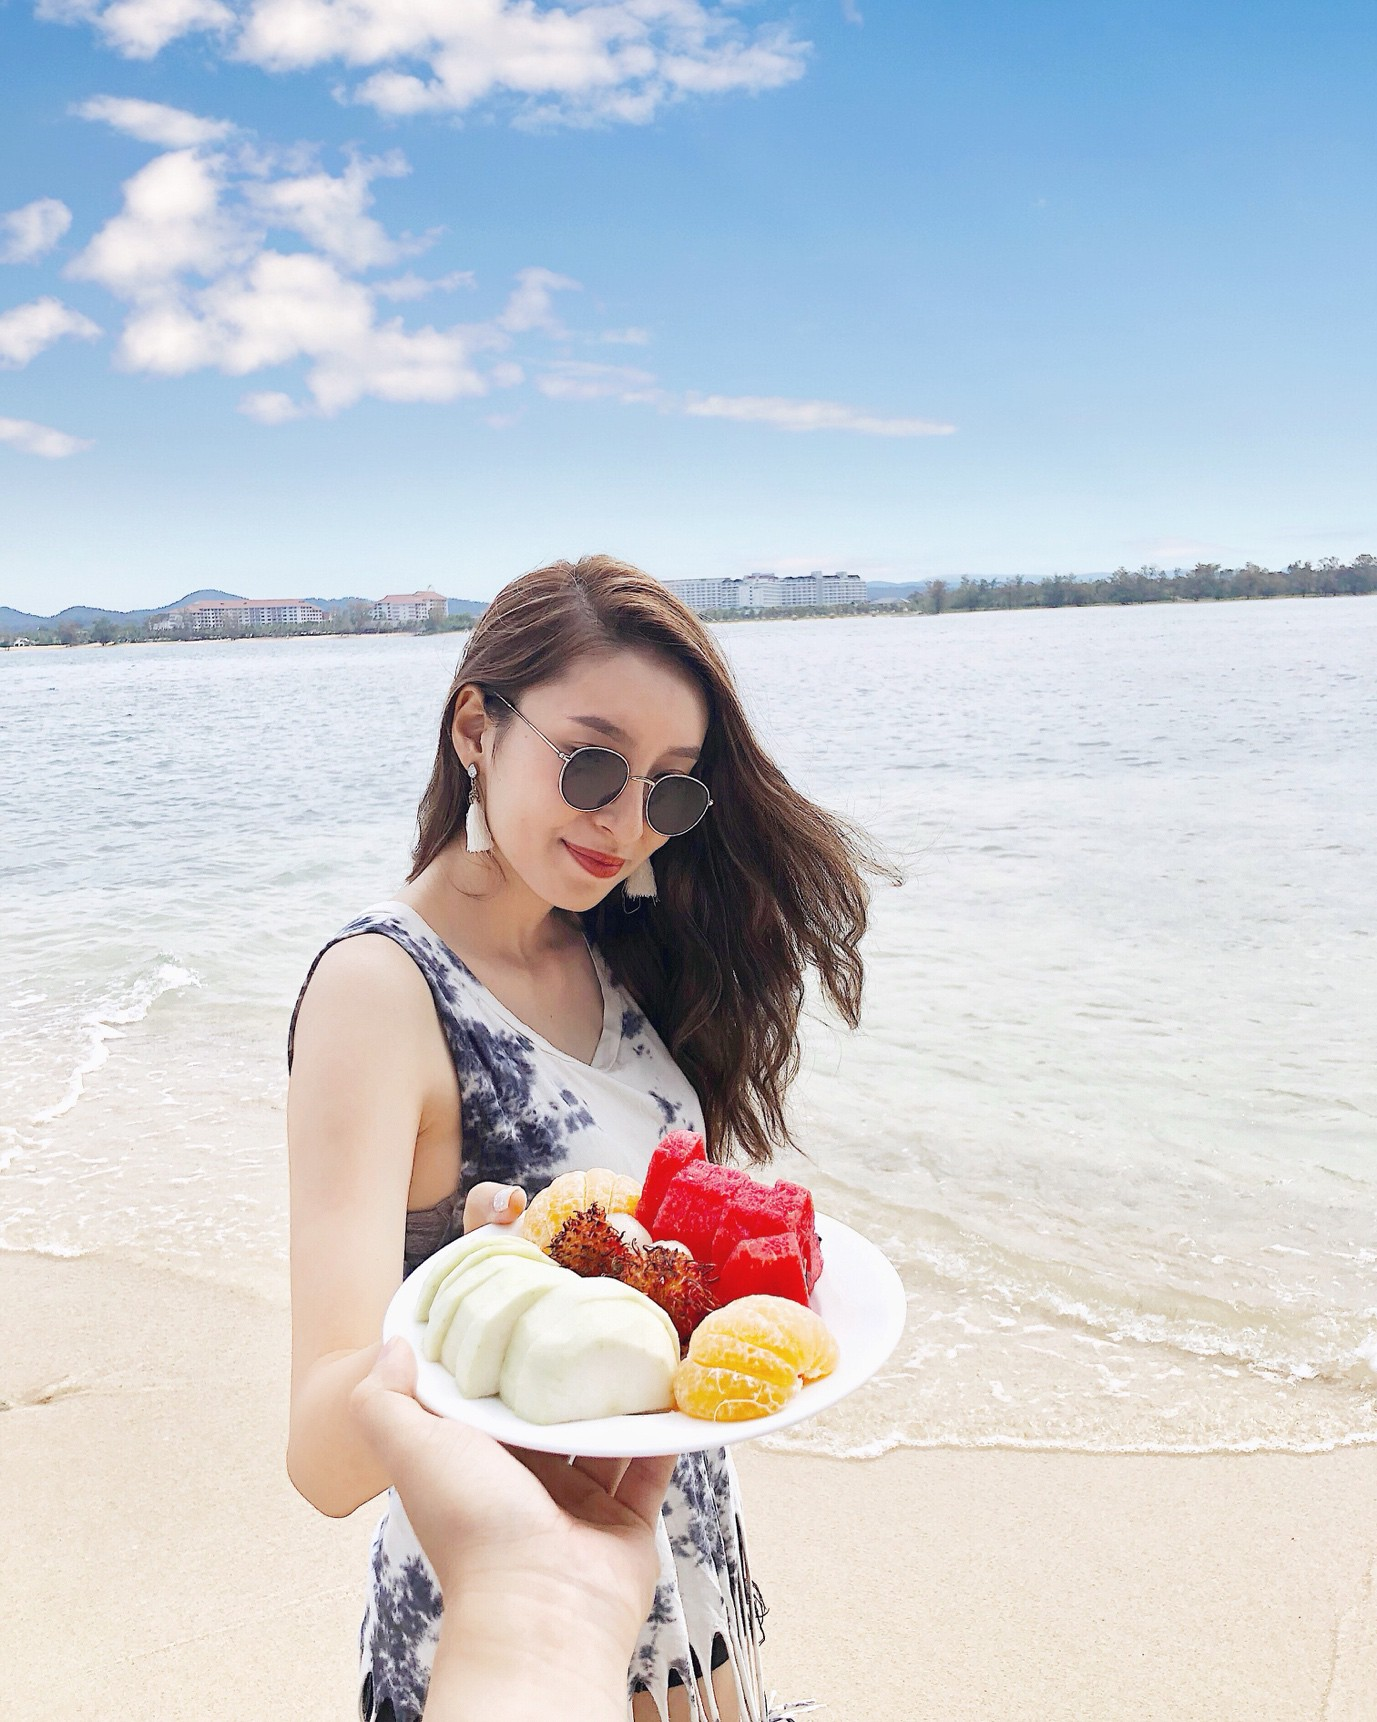 Du lịch Phú Quốc thật chất và vui hết cỡ tại ốc đảo VINOASIS - Ảnh 11.